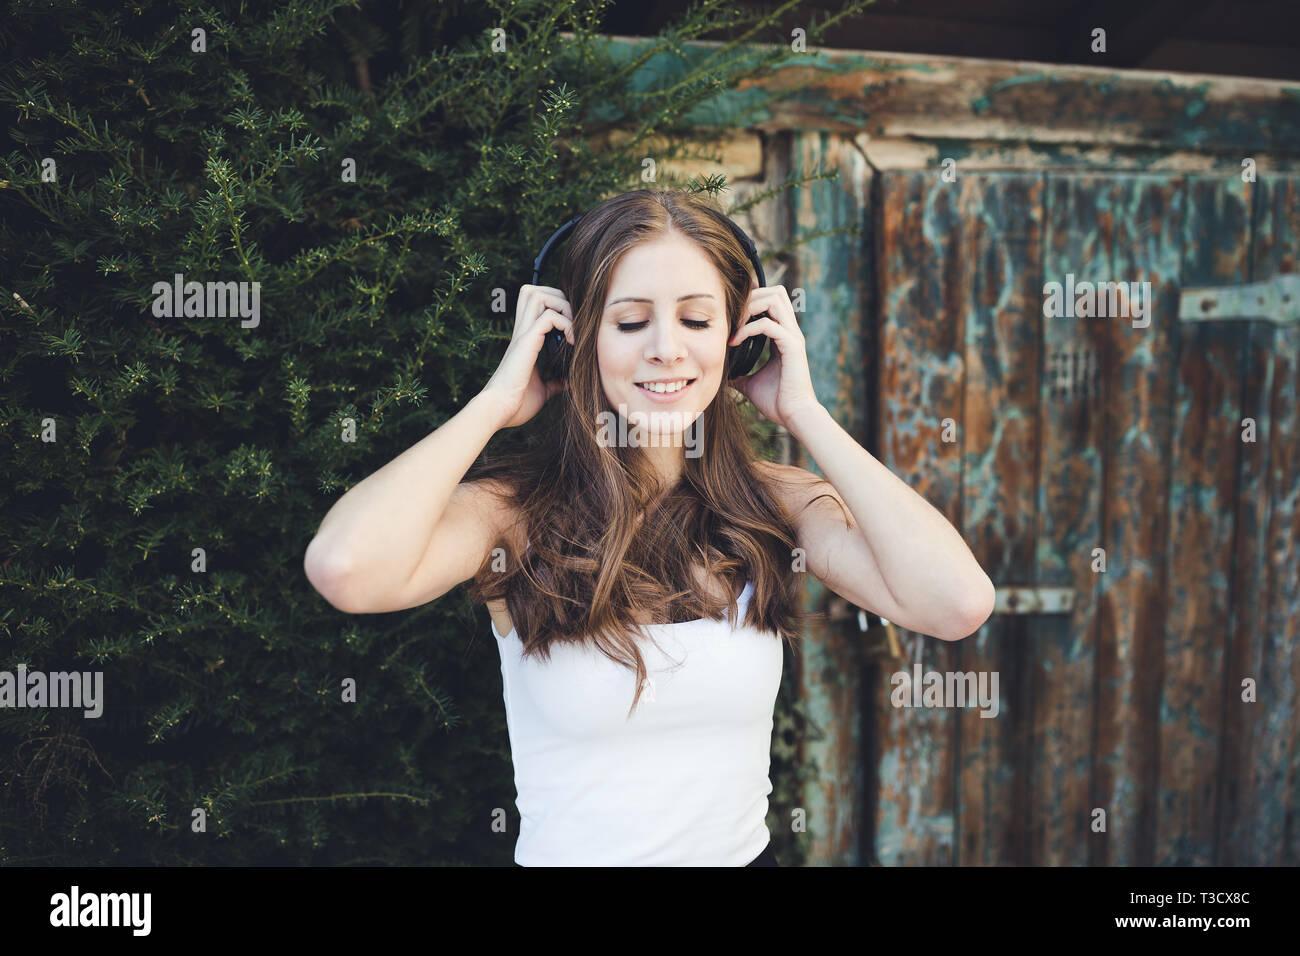 Mujer joven en una camiseta blanca sonriente con los ojos cerrados y escuchar música a través de auriculares al aire libre, campo. Foto de stock